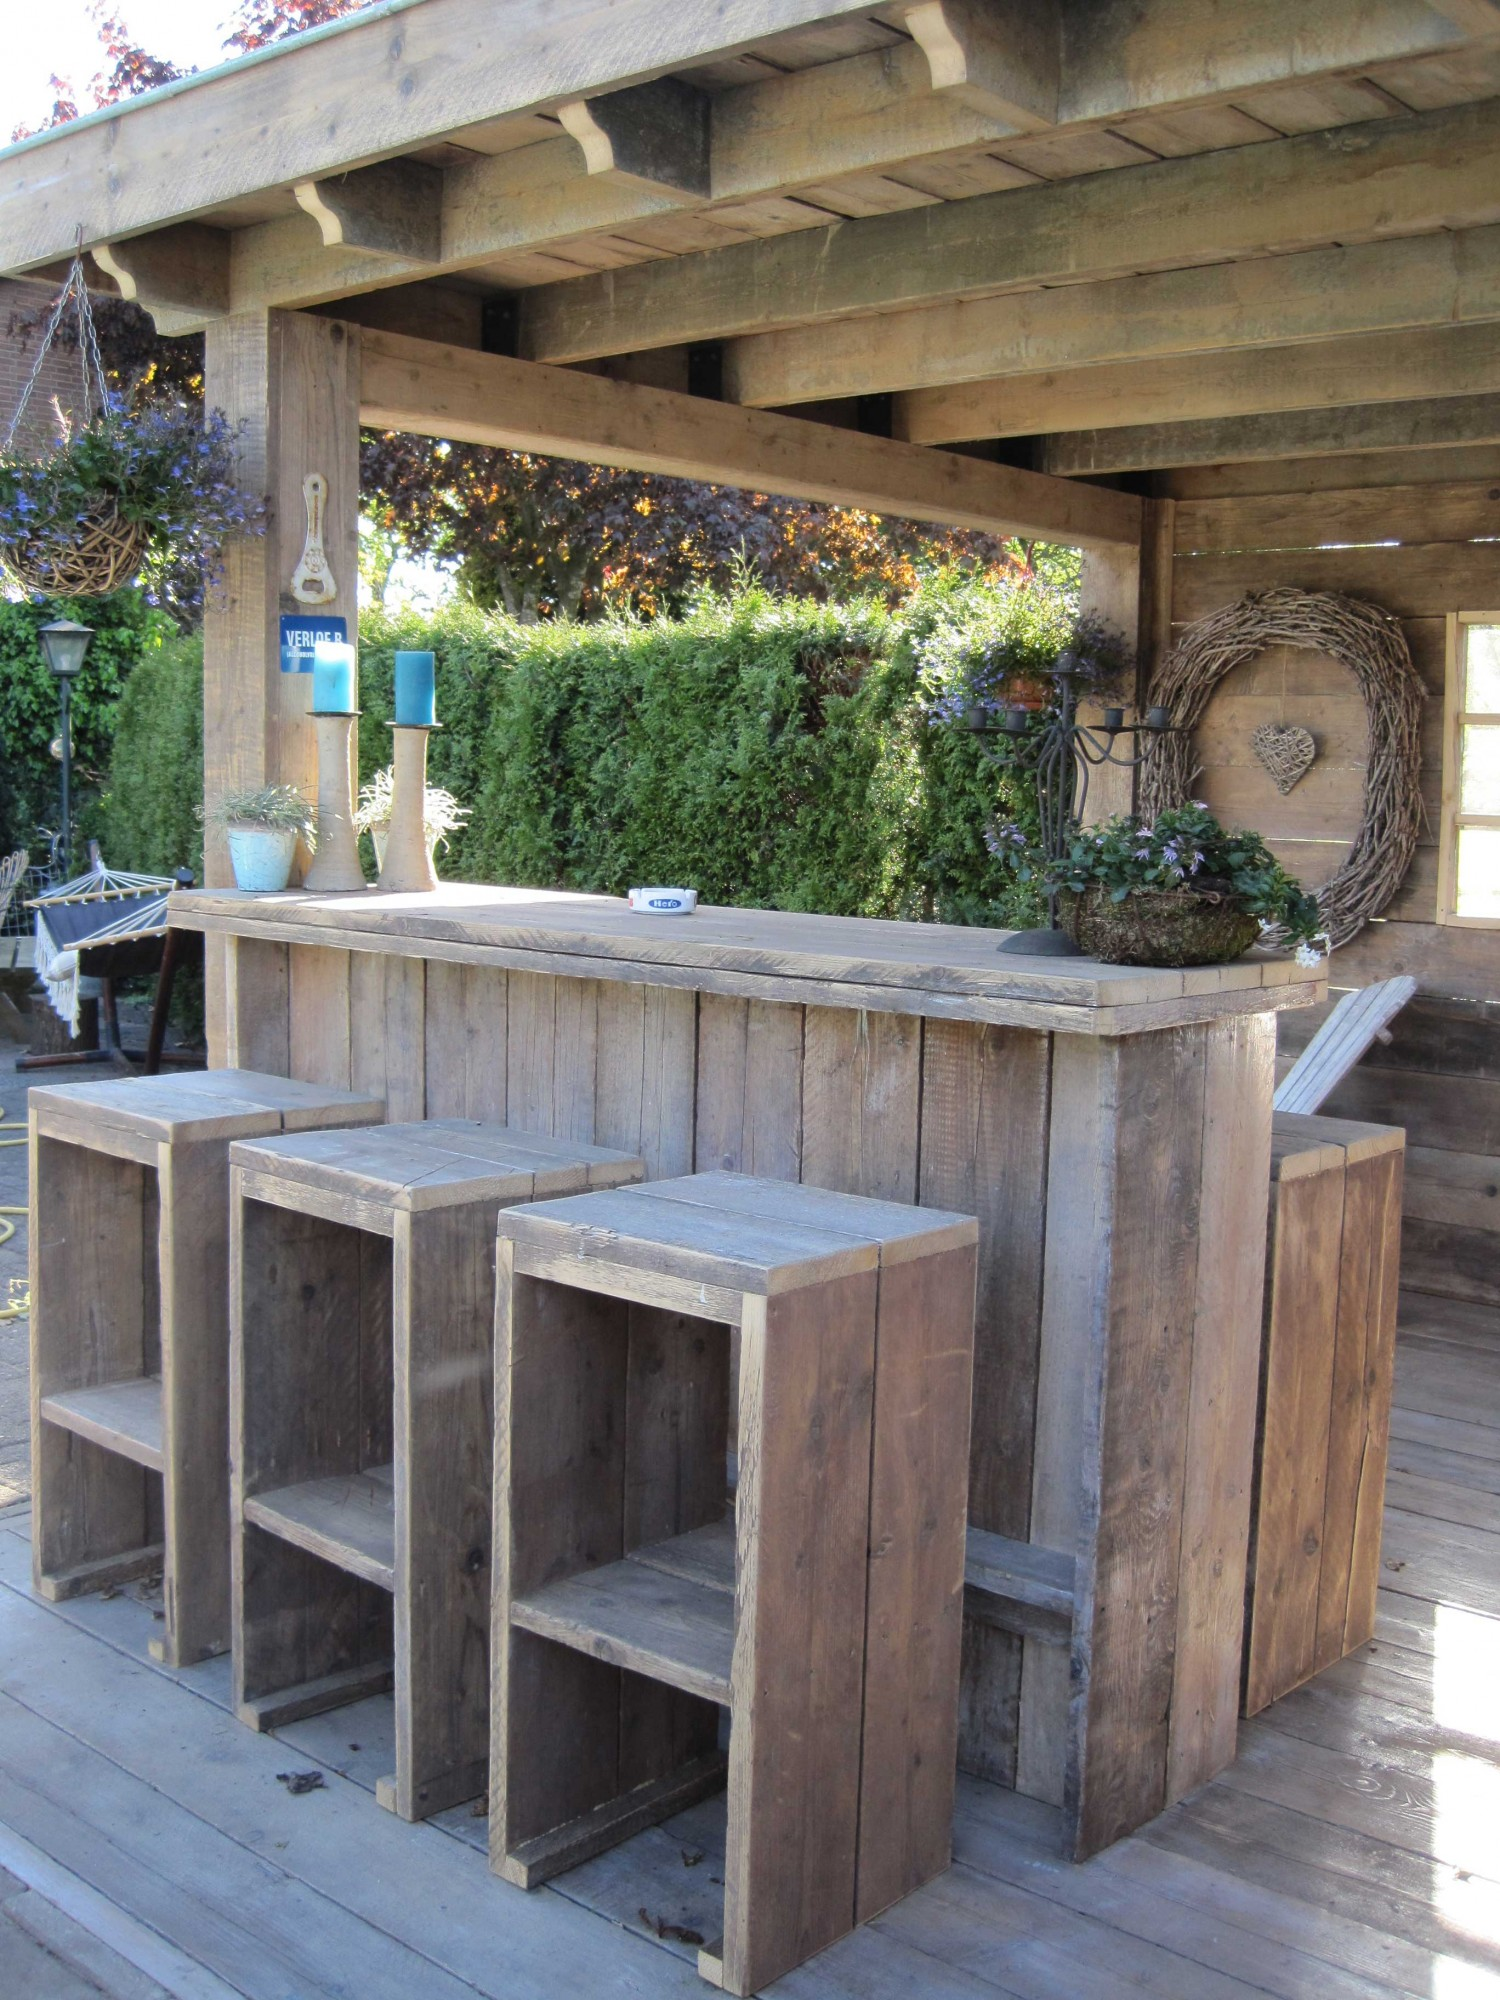 Buitenkeuken Kopen : Handgemaakte keukens, badkamers, interieurs en vloeren JACOB Apeldoorn